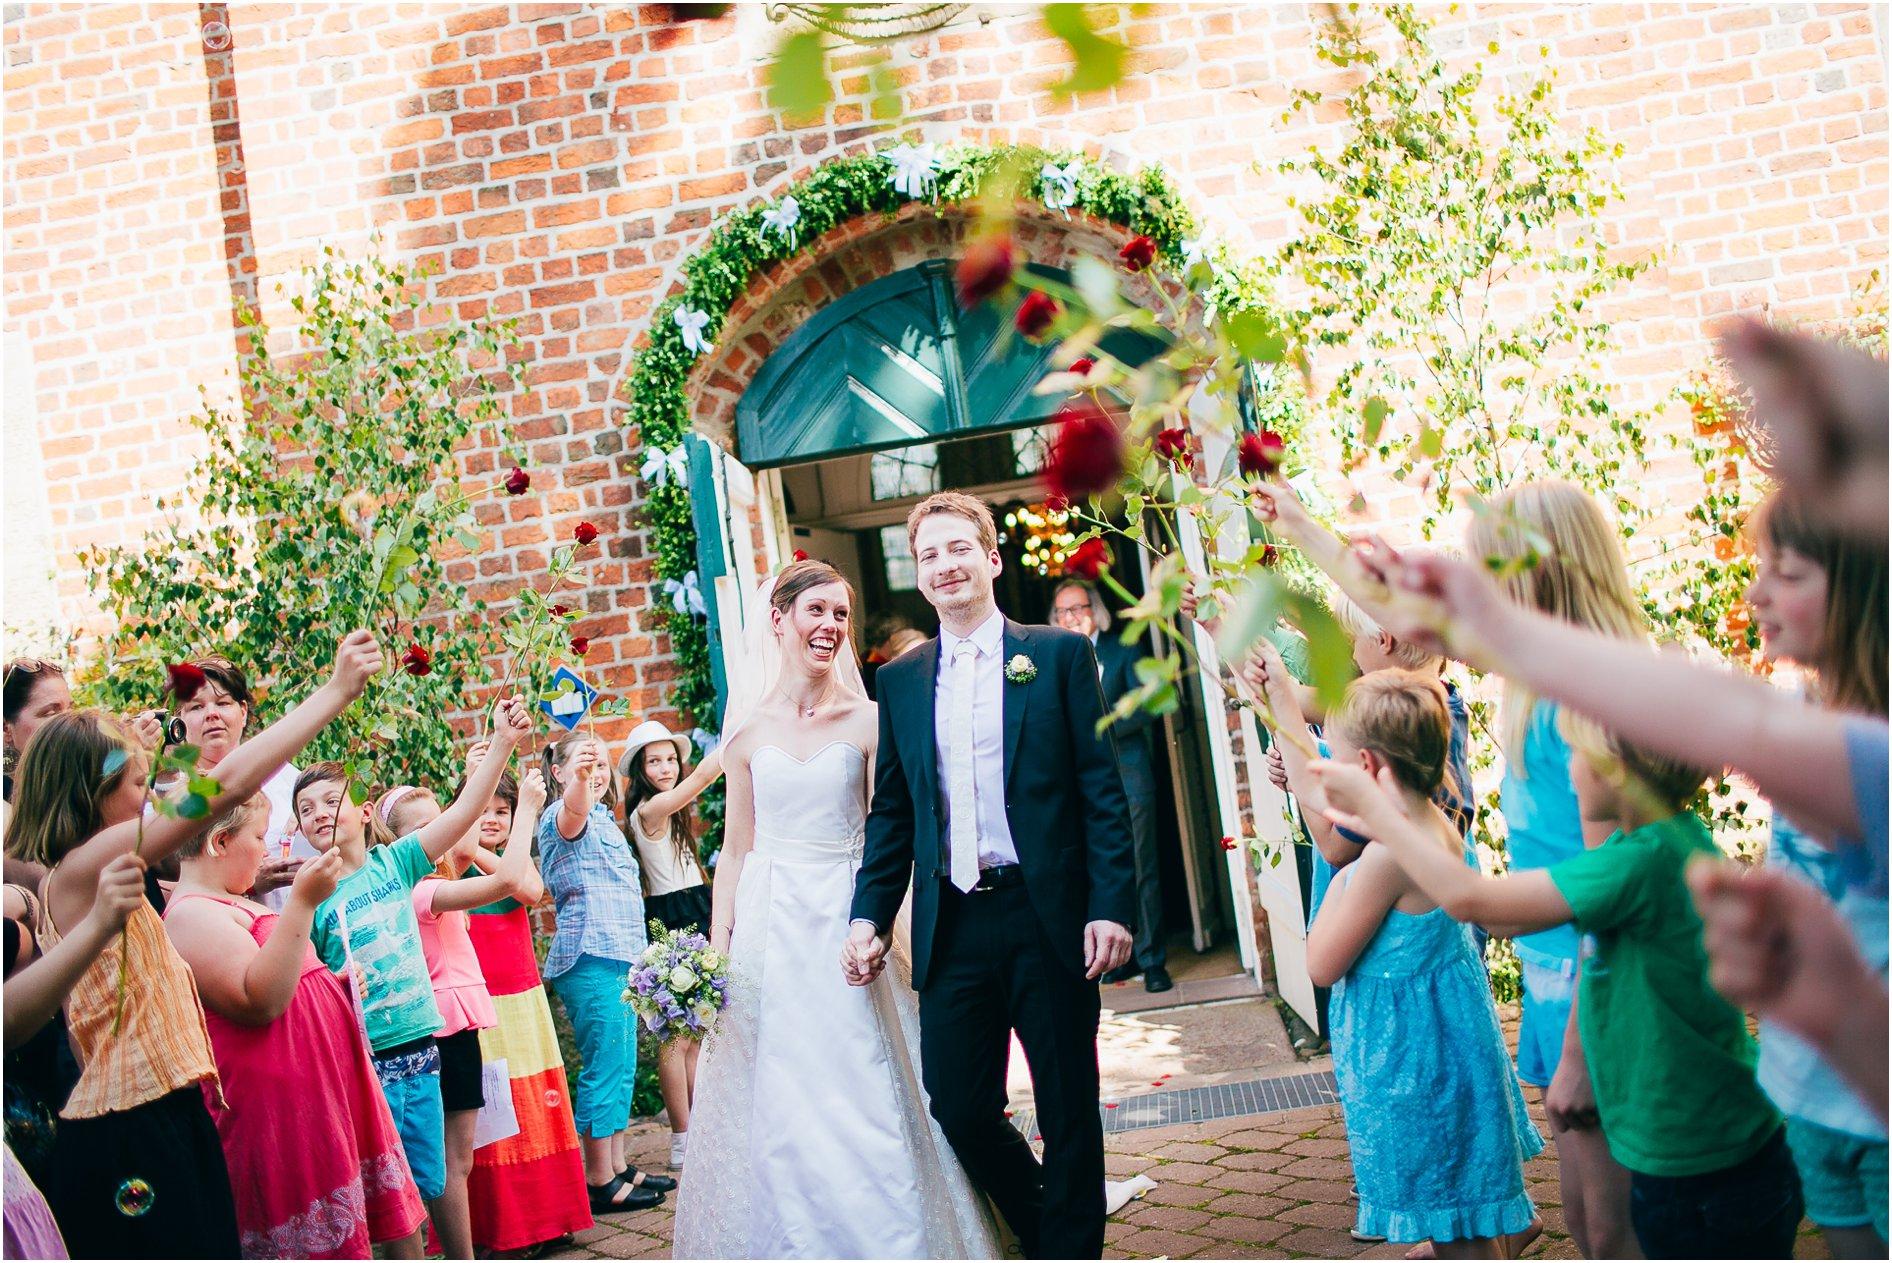 2014-08-07_0046 Wiebke und Marcio - Hochzeitsfotograf in Lüneburg